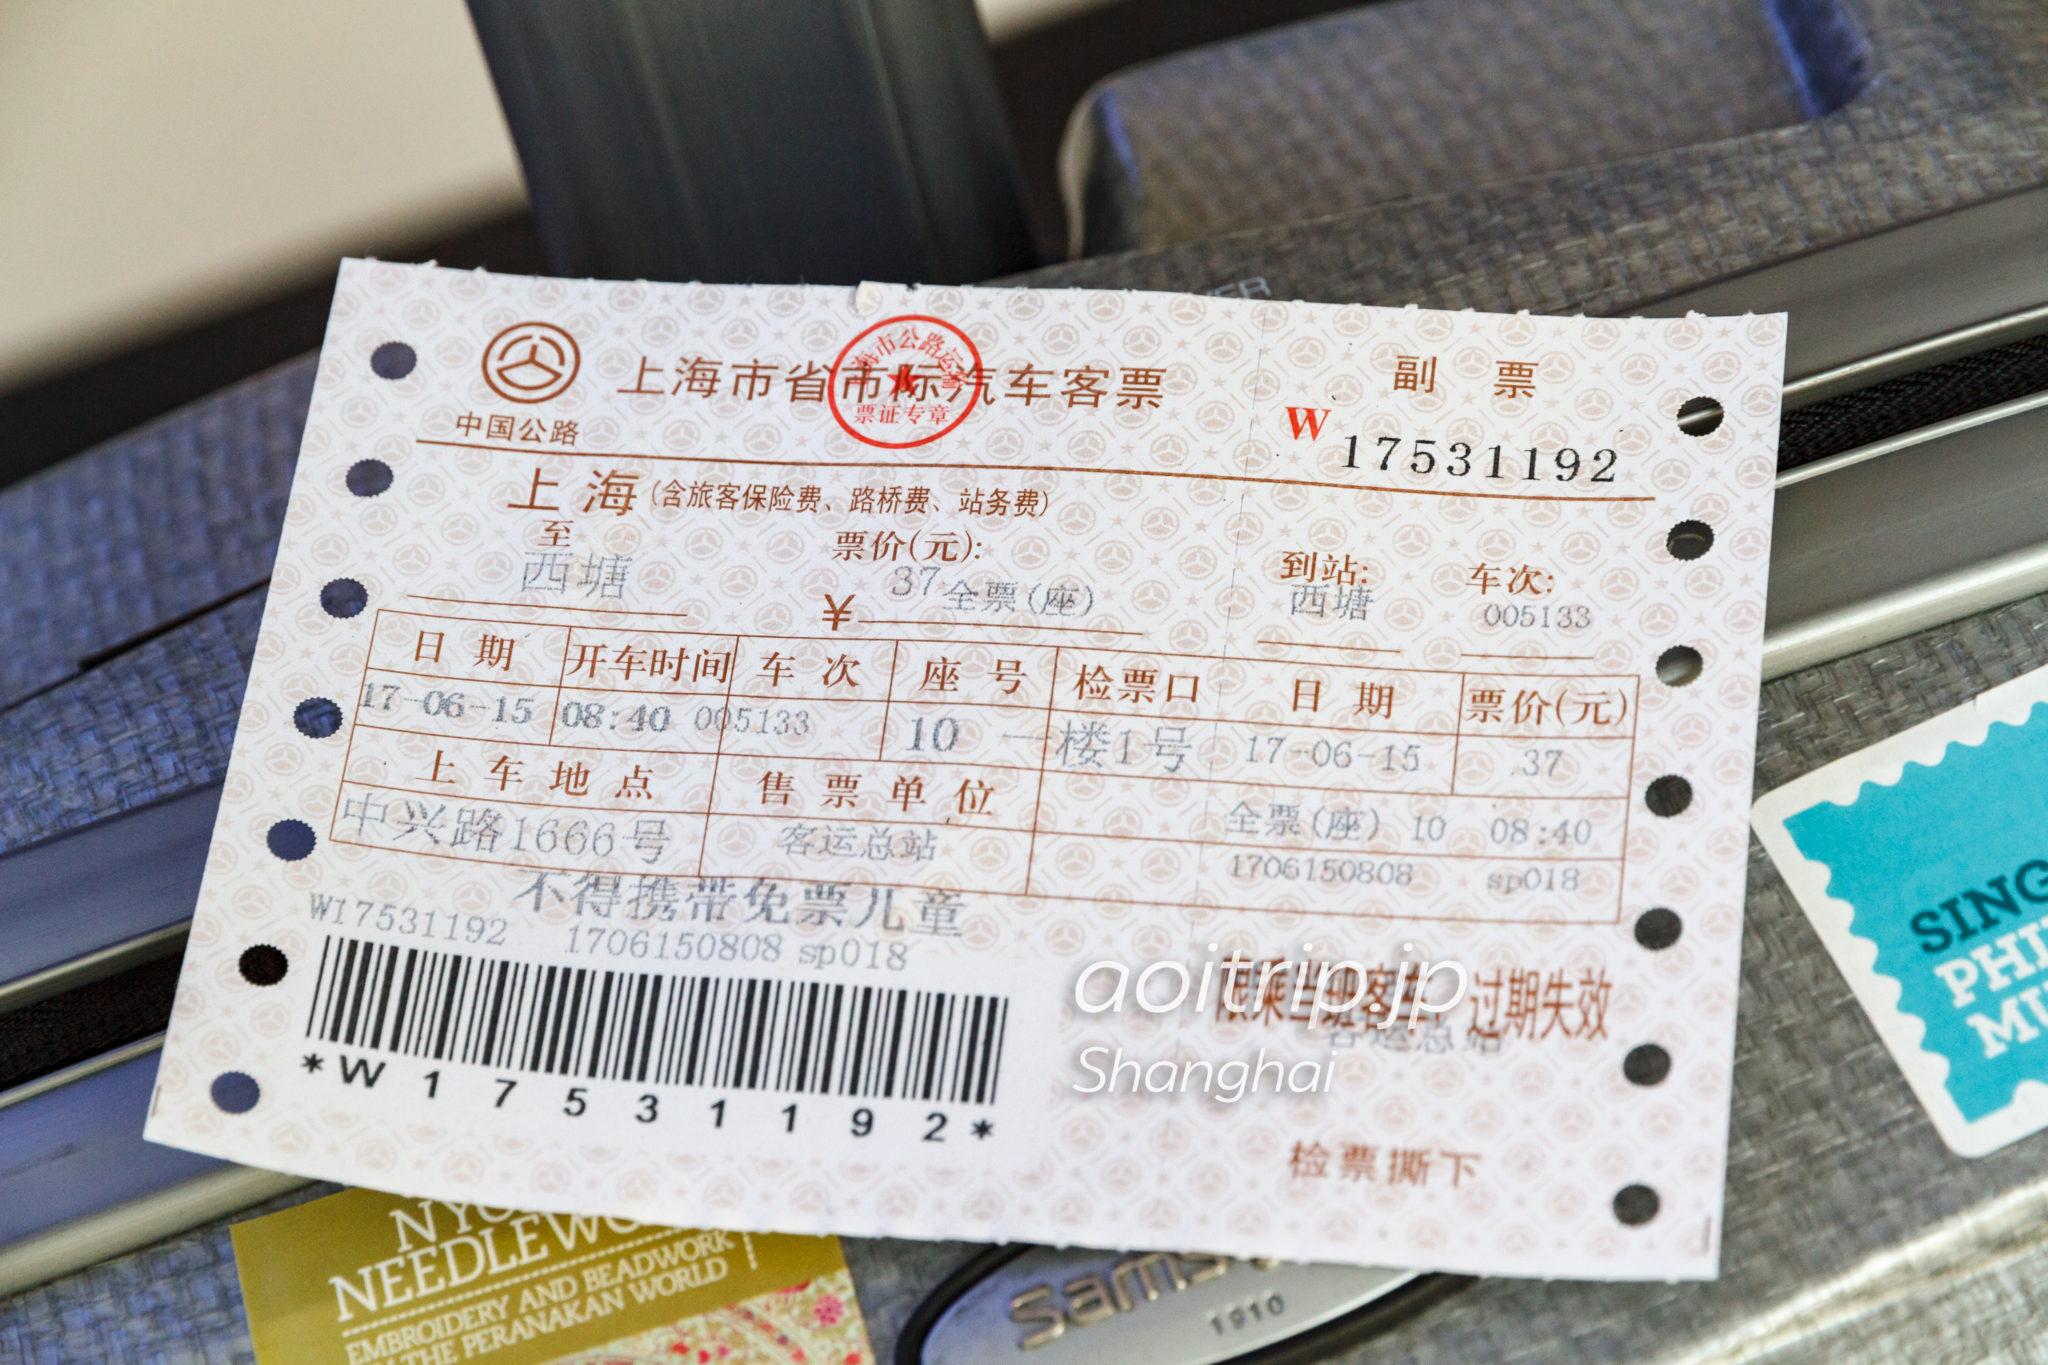 上海から西塘行きの長距離バス 乗車券